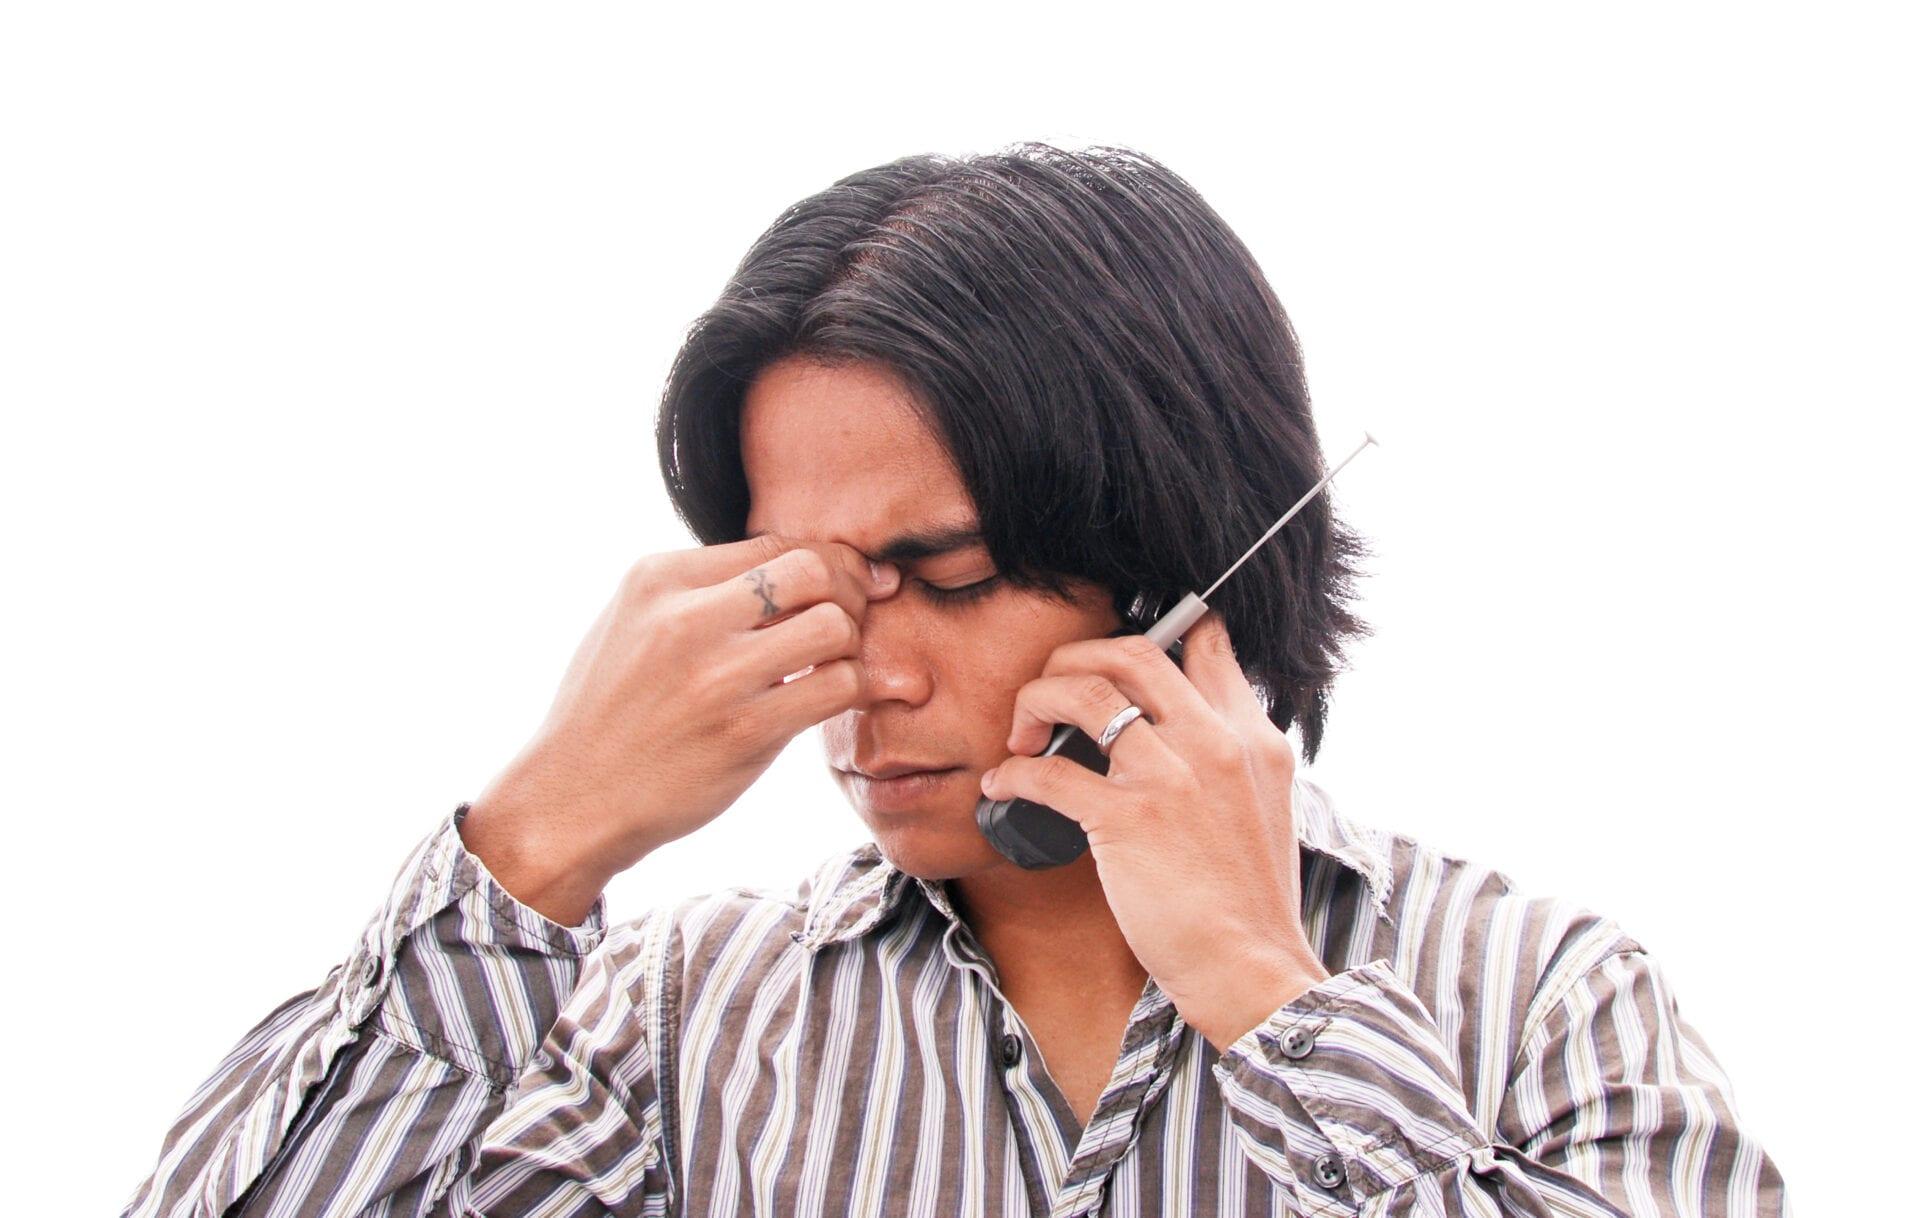 Dangers of 5G Wireless